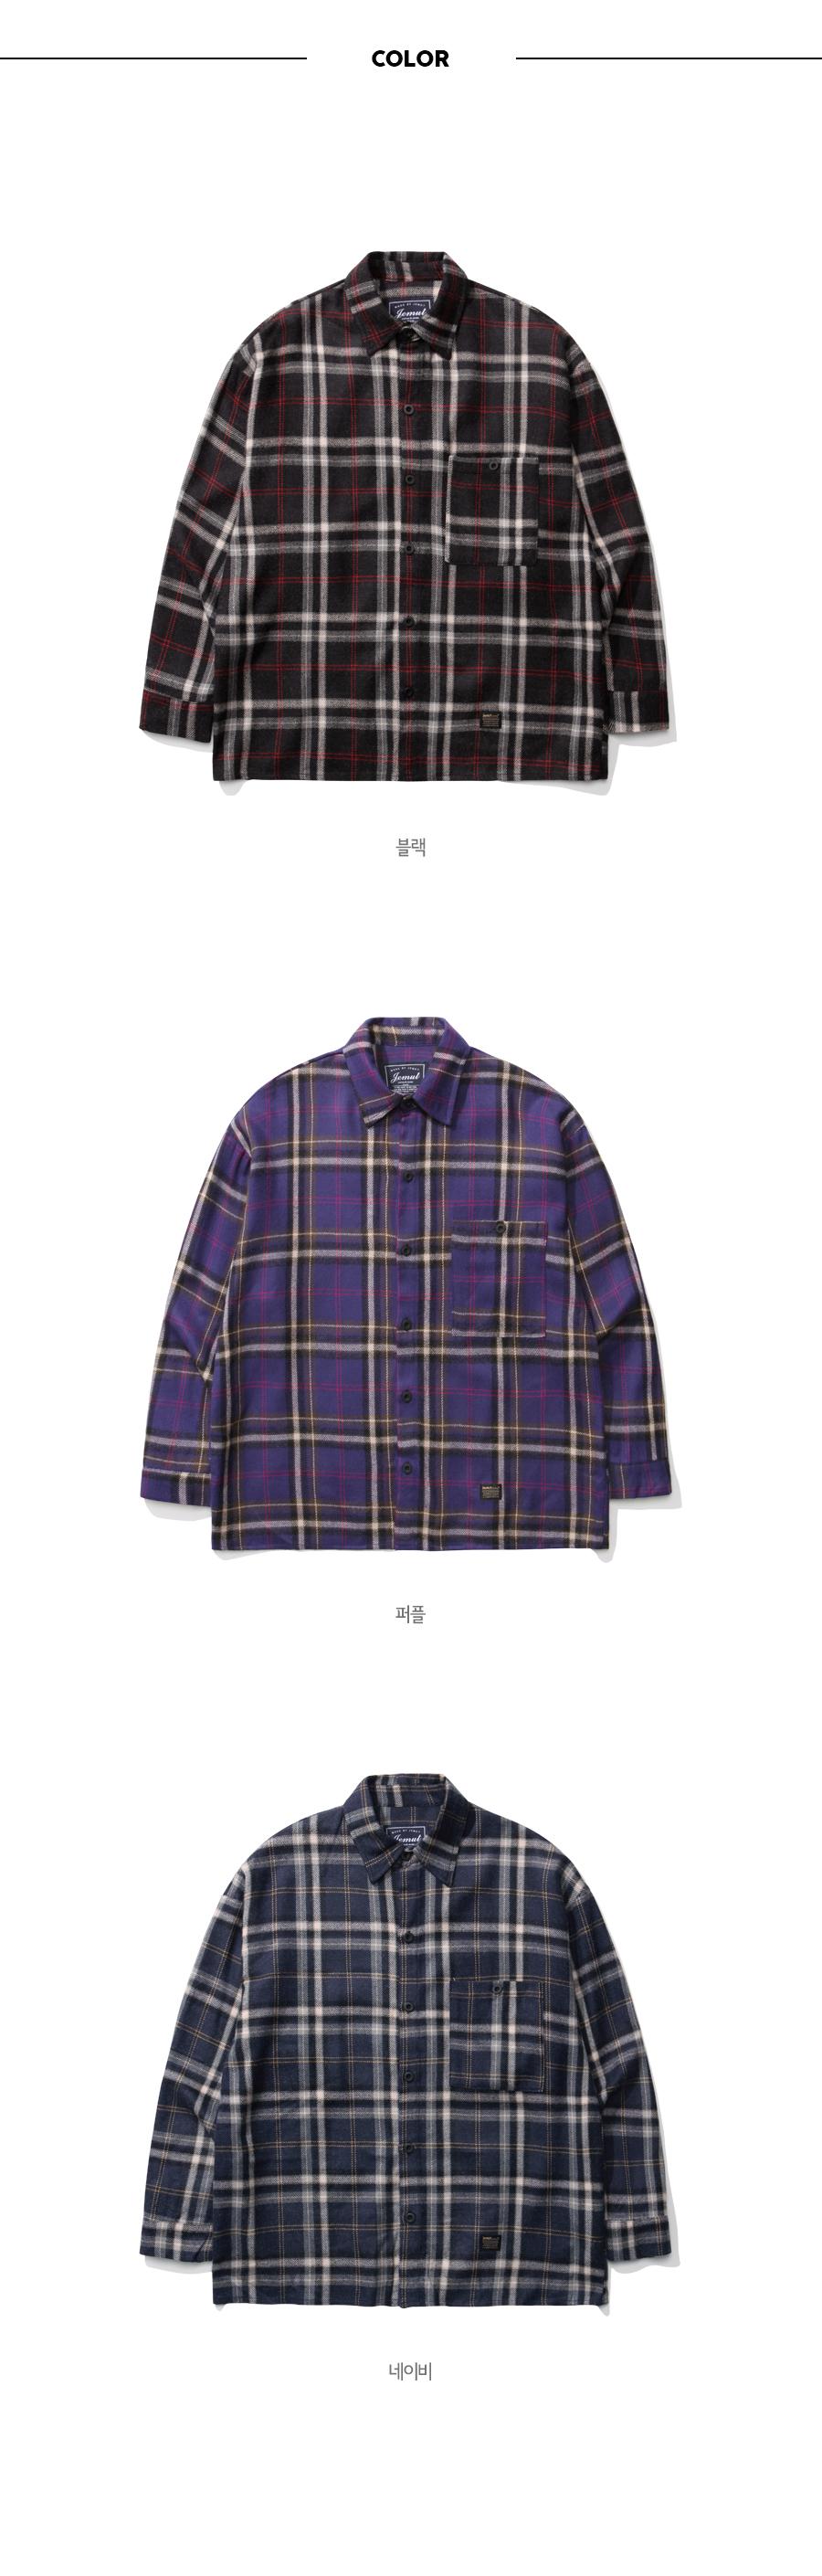 [제멋] 노블 오버핏 울체크셔츠 3종 퍼플 HJLS2154